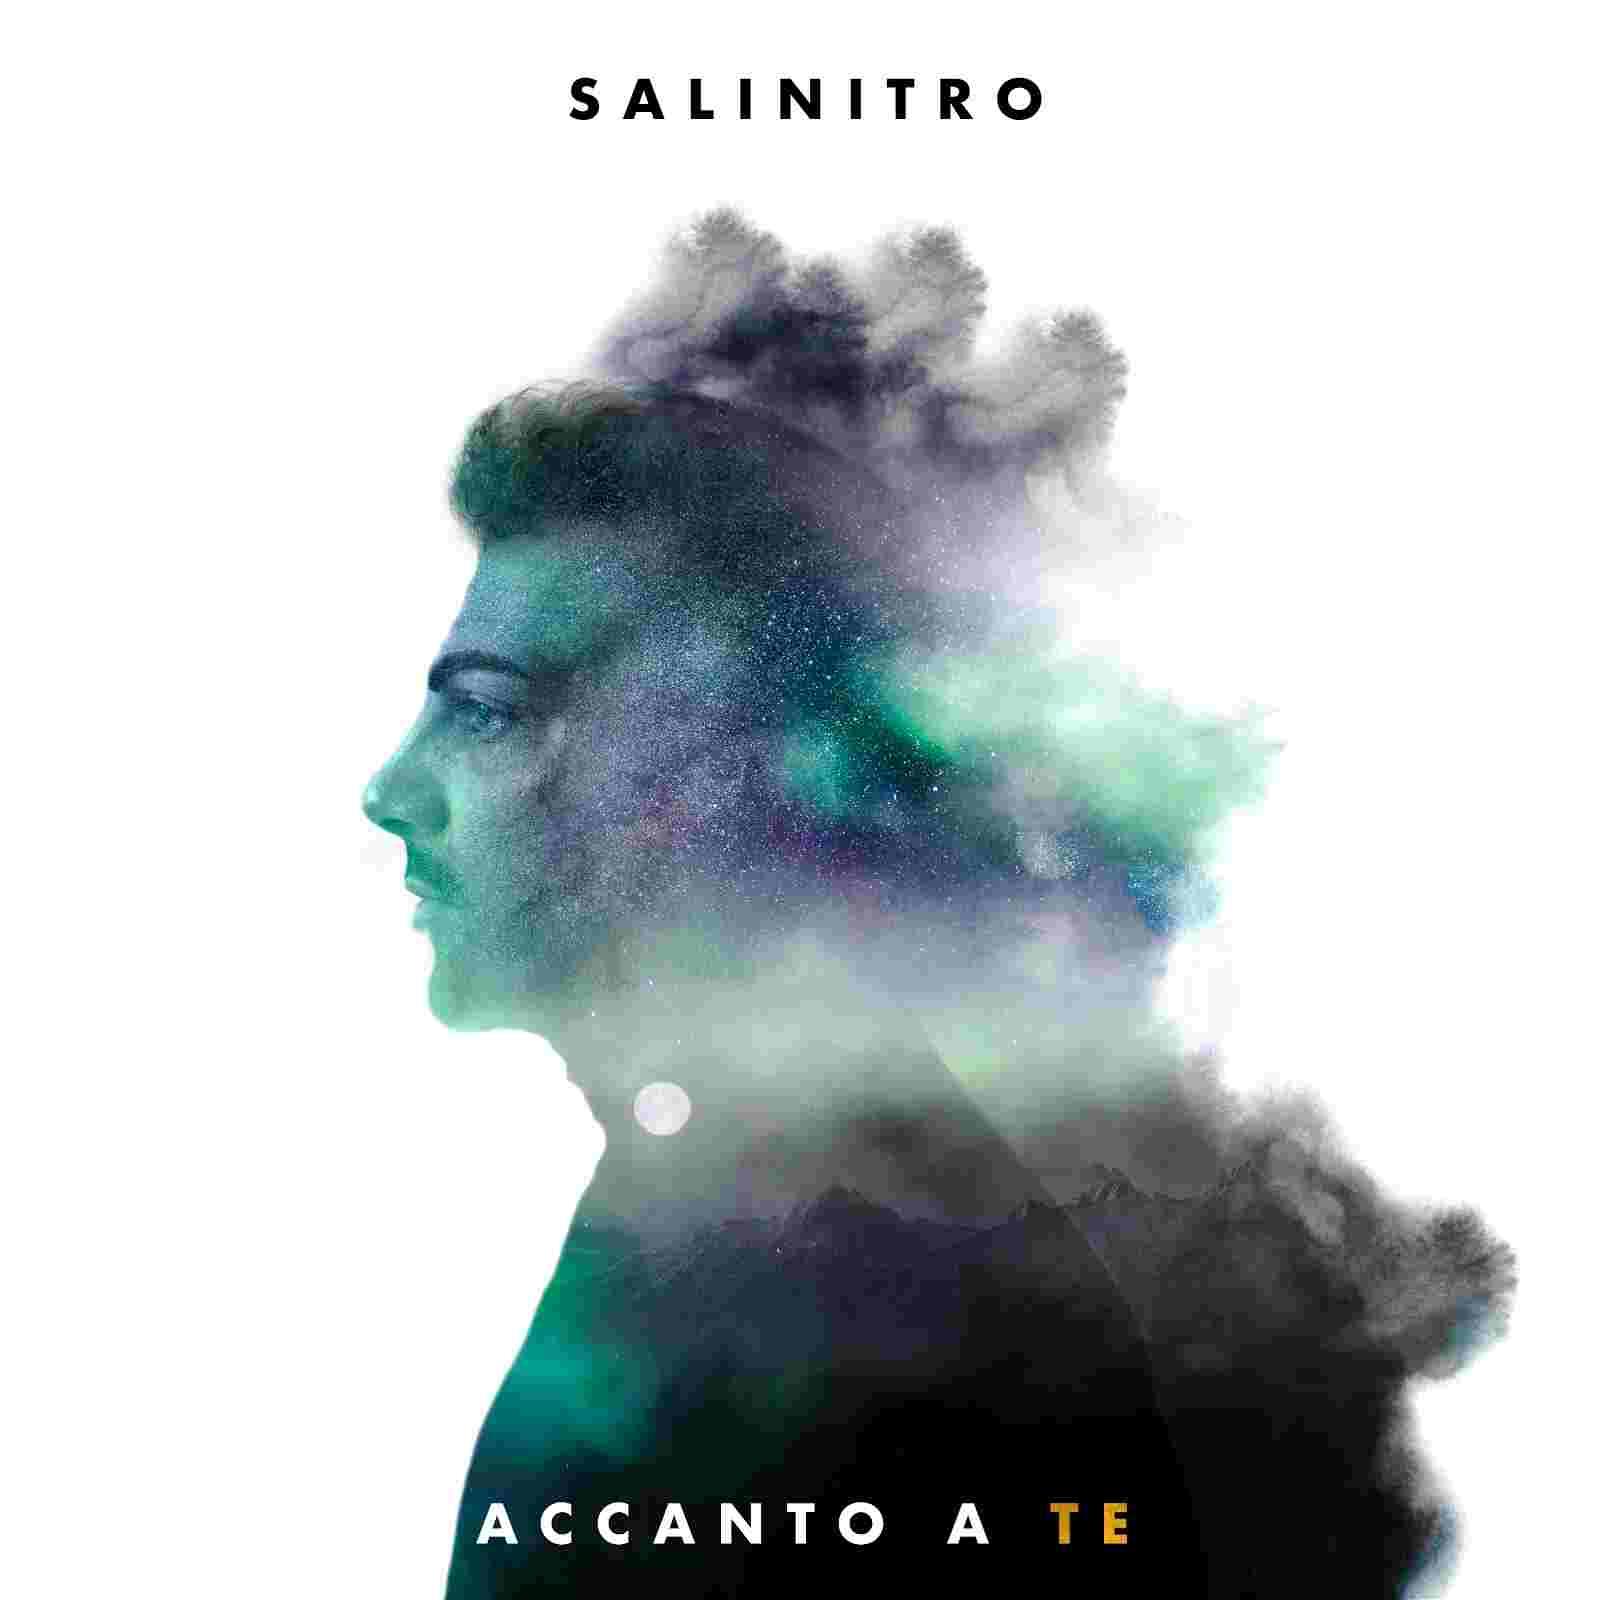 """SALINITRO, """"Accanto a te"""" l'Ep d'esordio del cantautore di origini siciliane"""